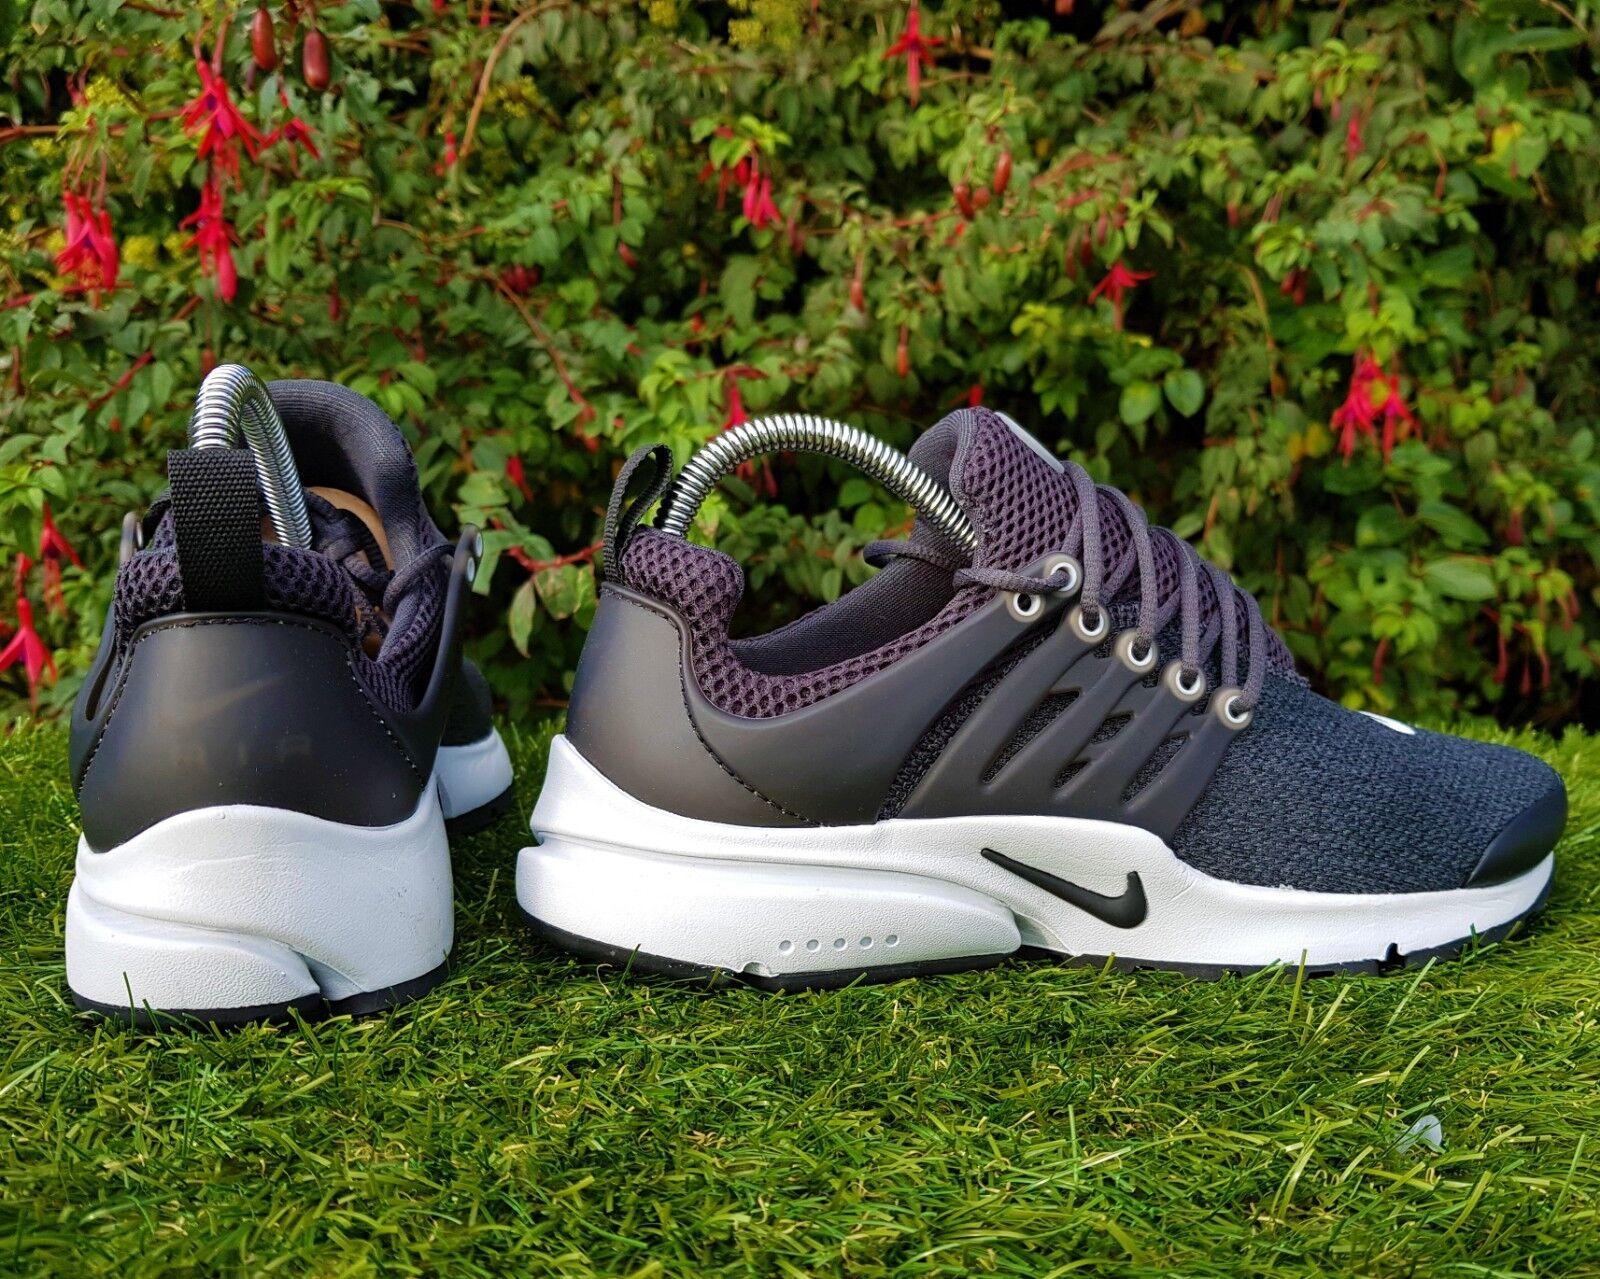 BNWB & Genuine Nike Nike Nike Air Presto ® Antracite Nero Essential scarpe da ginnastica | Aspetto Attraente  | Scolaro/Signora Scarpa  f341cf